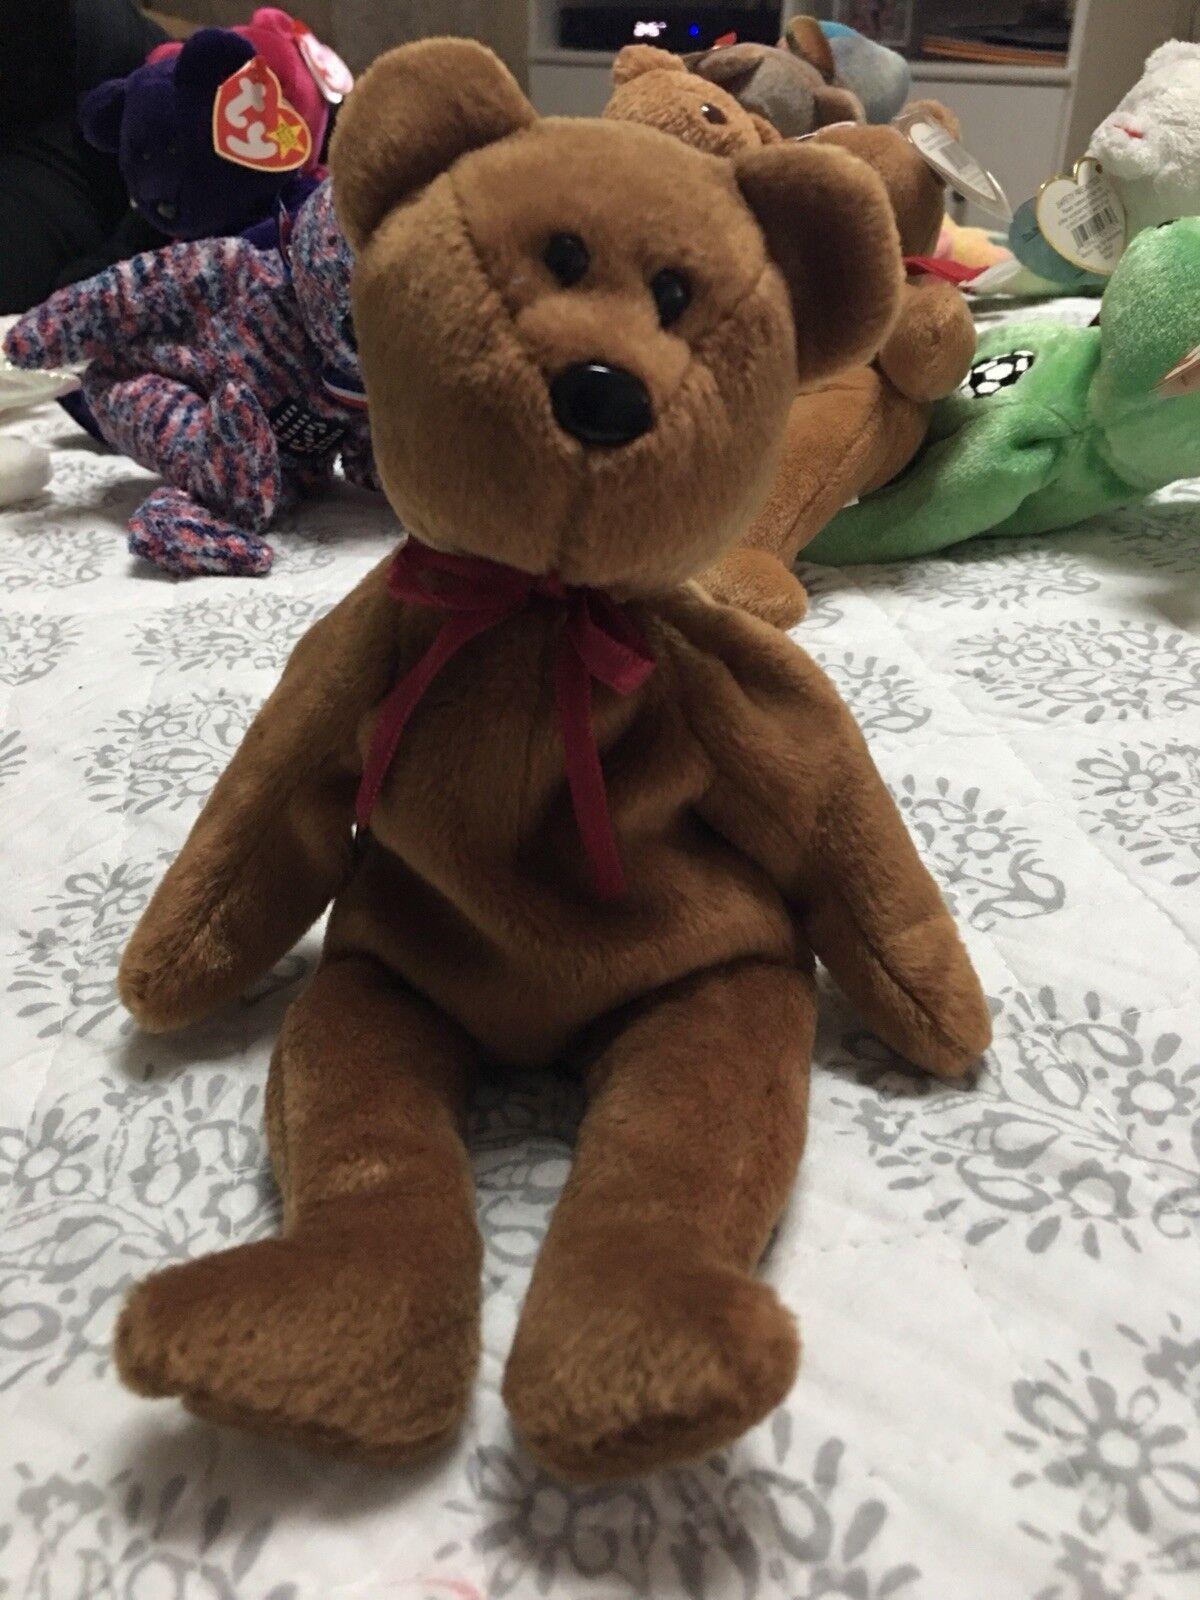 Super - seltenen zweiten gen teddy braun gesicht tragen - beanie baby 1993 mint 1. gen hintern